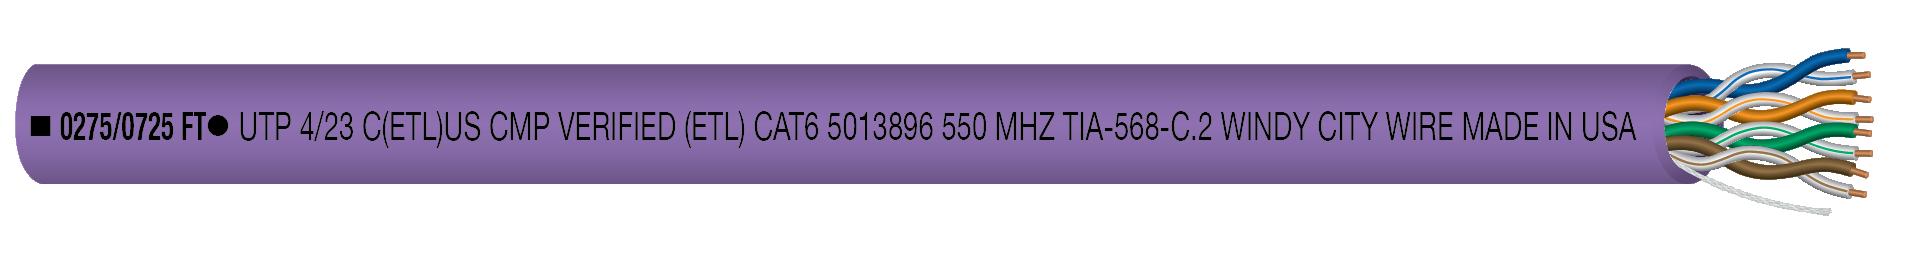 23-4P UNS SOL CMP C6 Pur Jkt